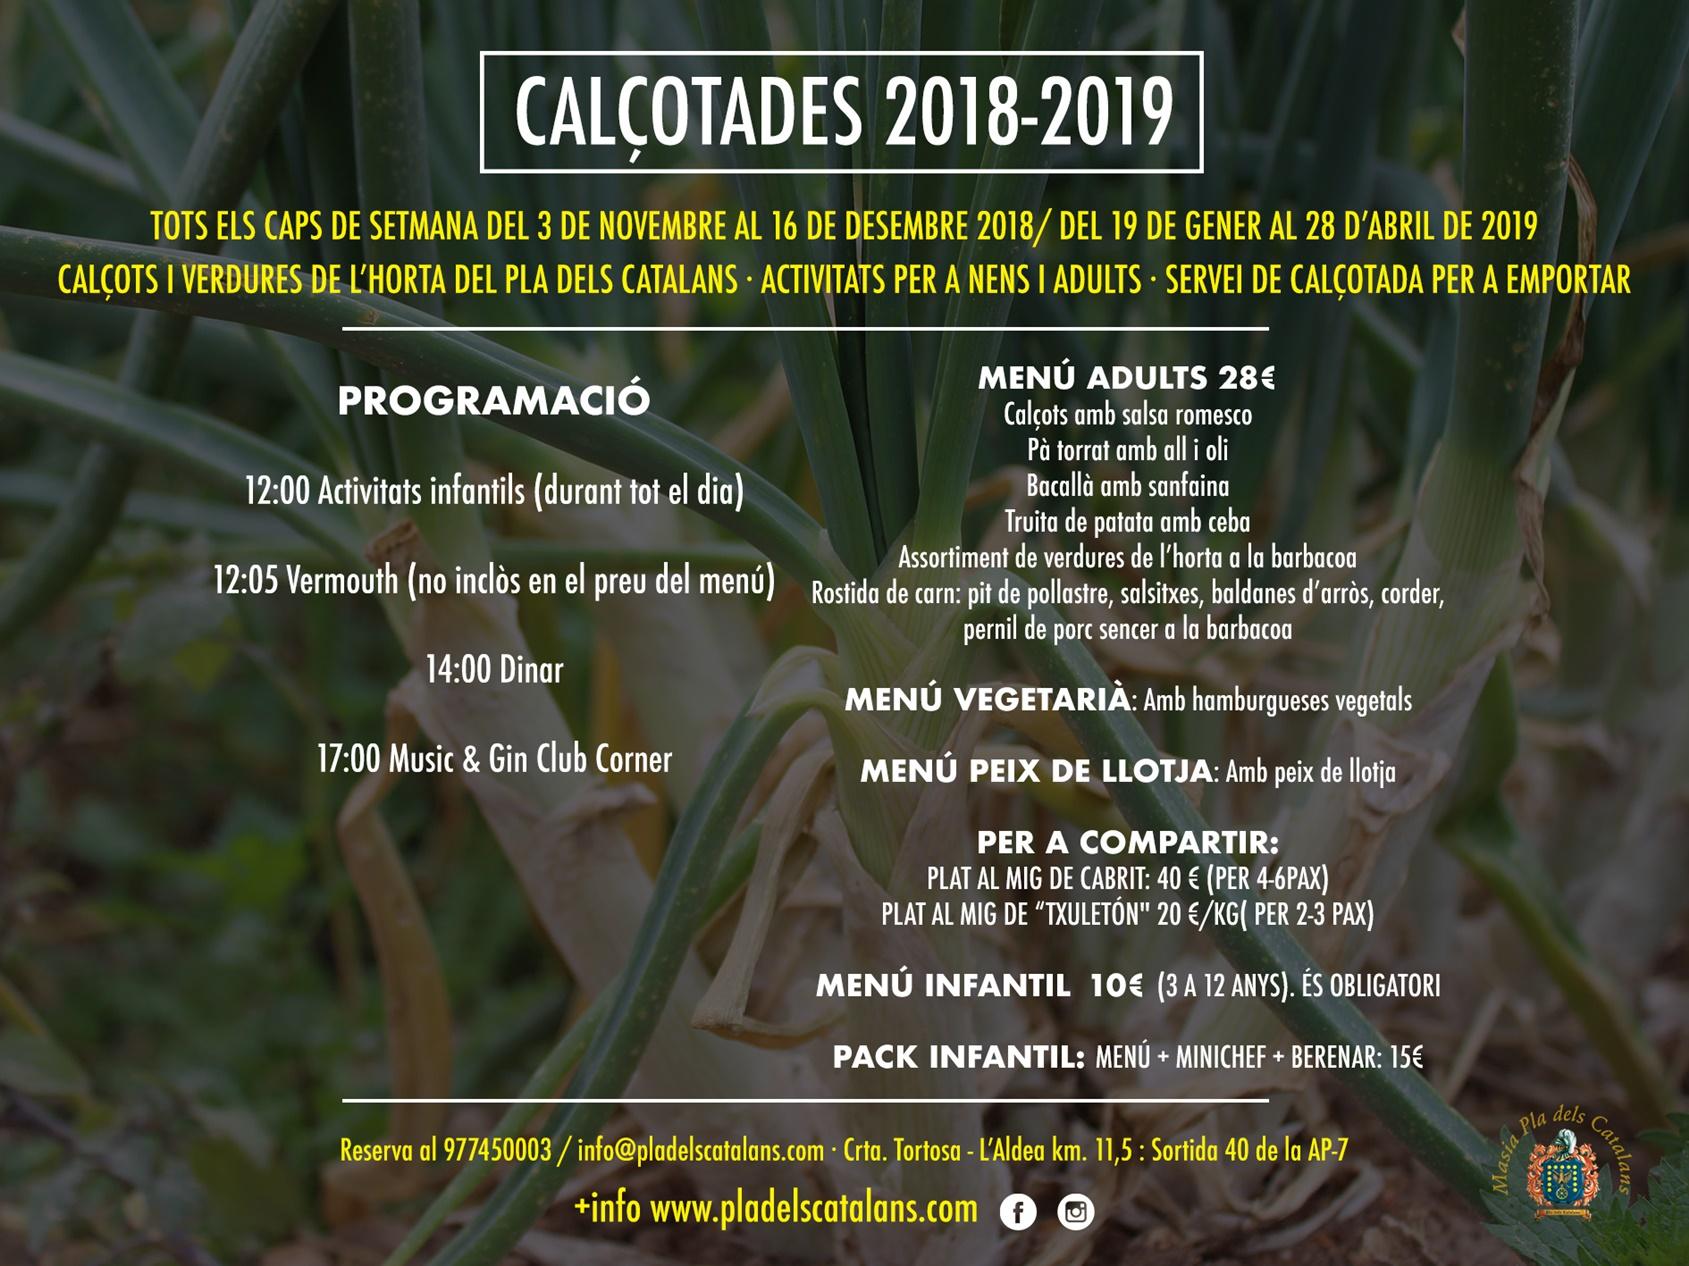 calçotades pla dels catalans 2018-2019